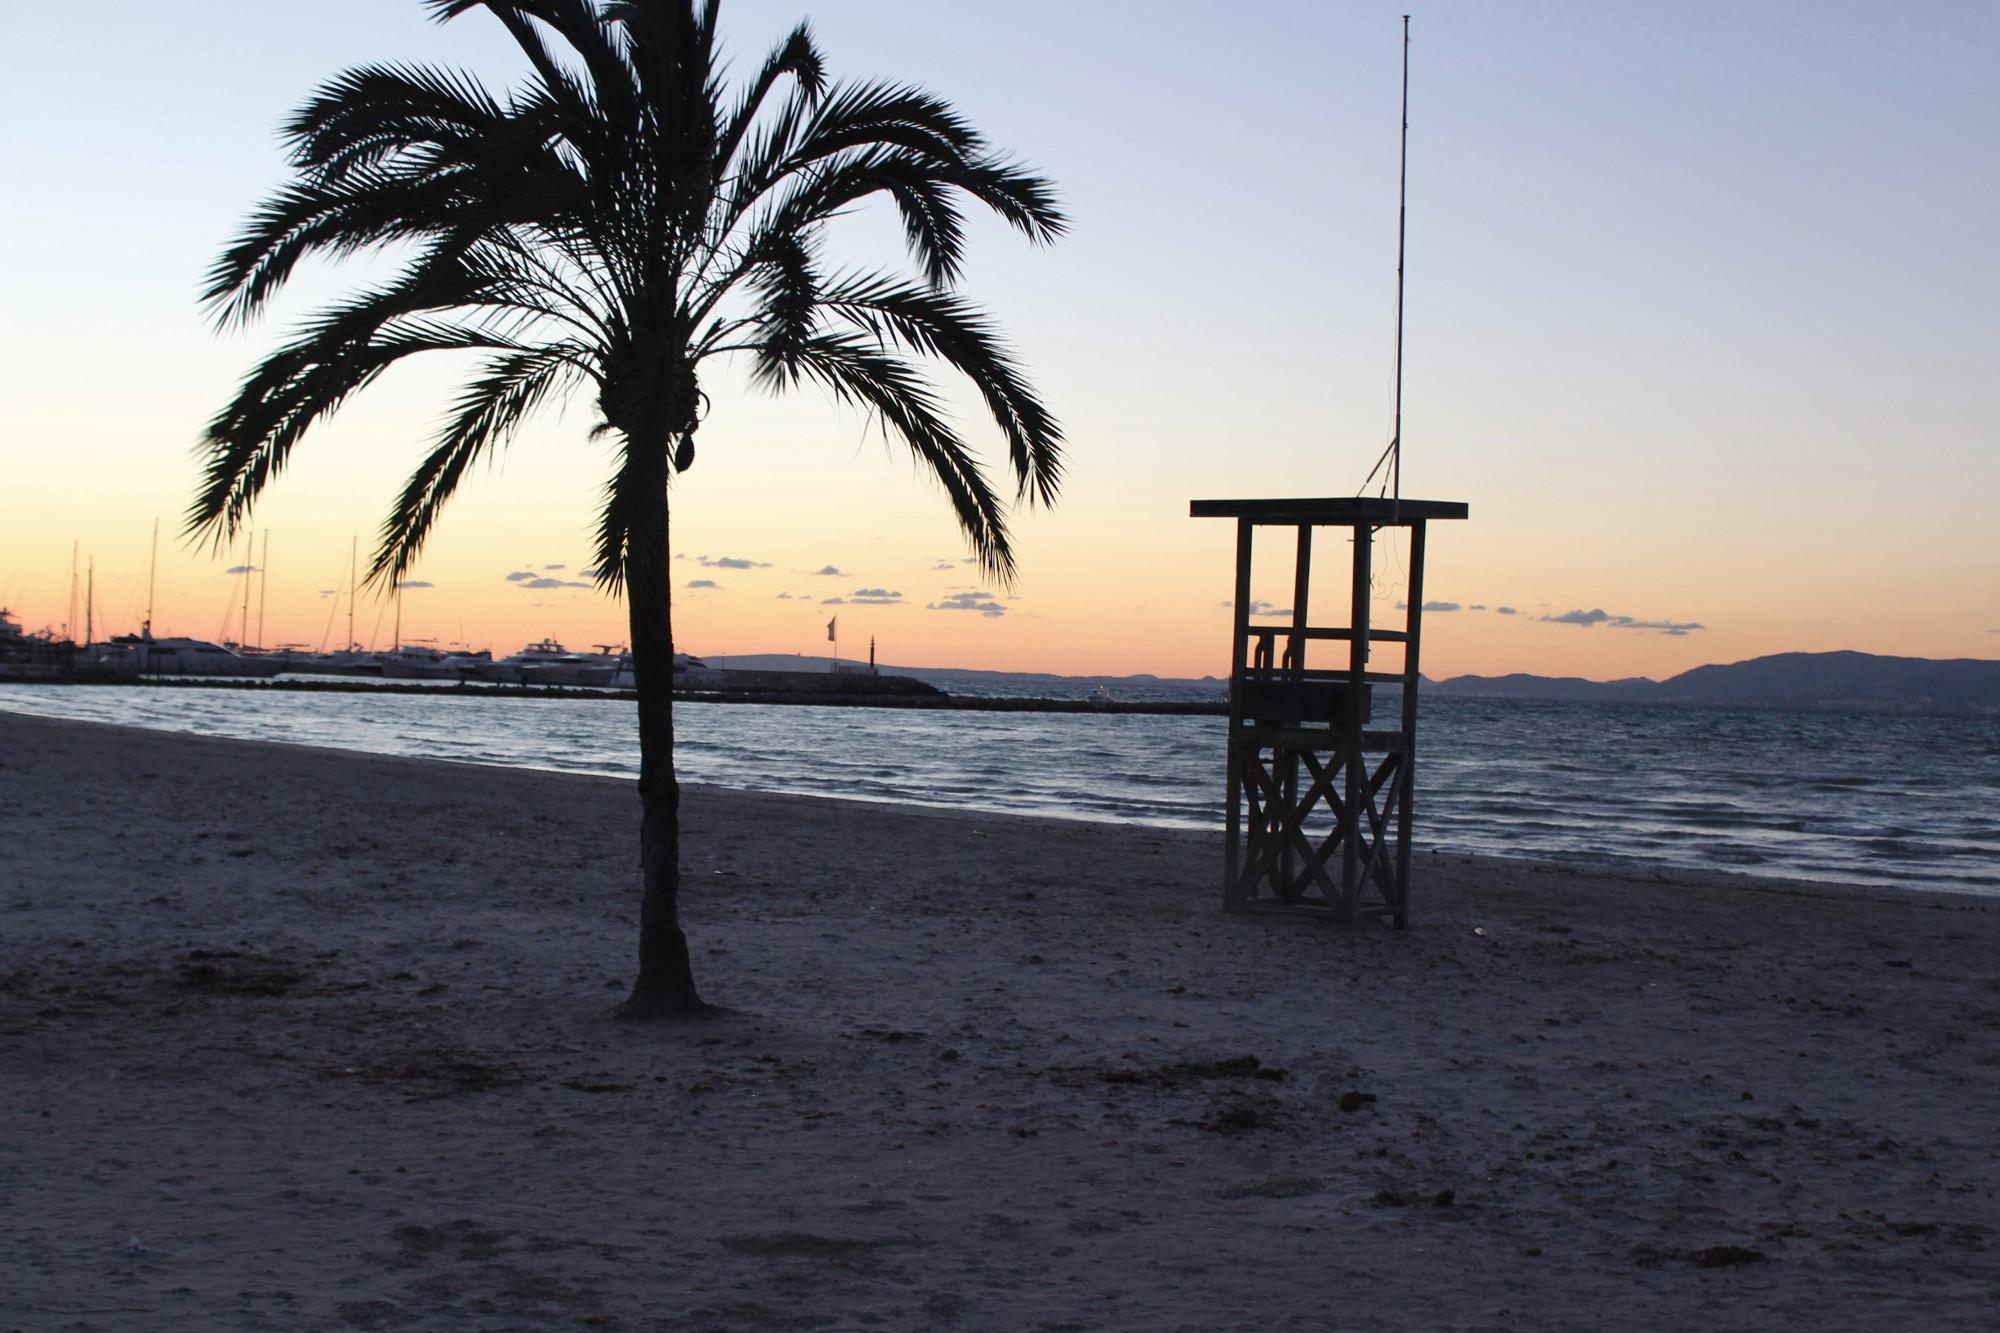 Sonnenuntergang am Strand von S'Arenal